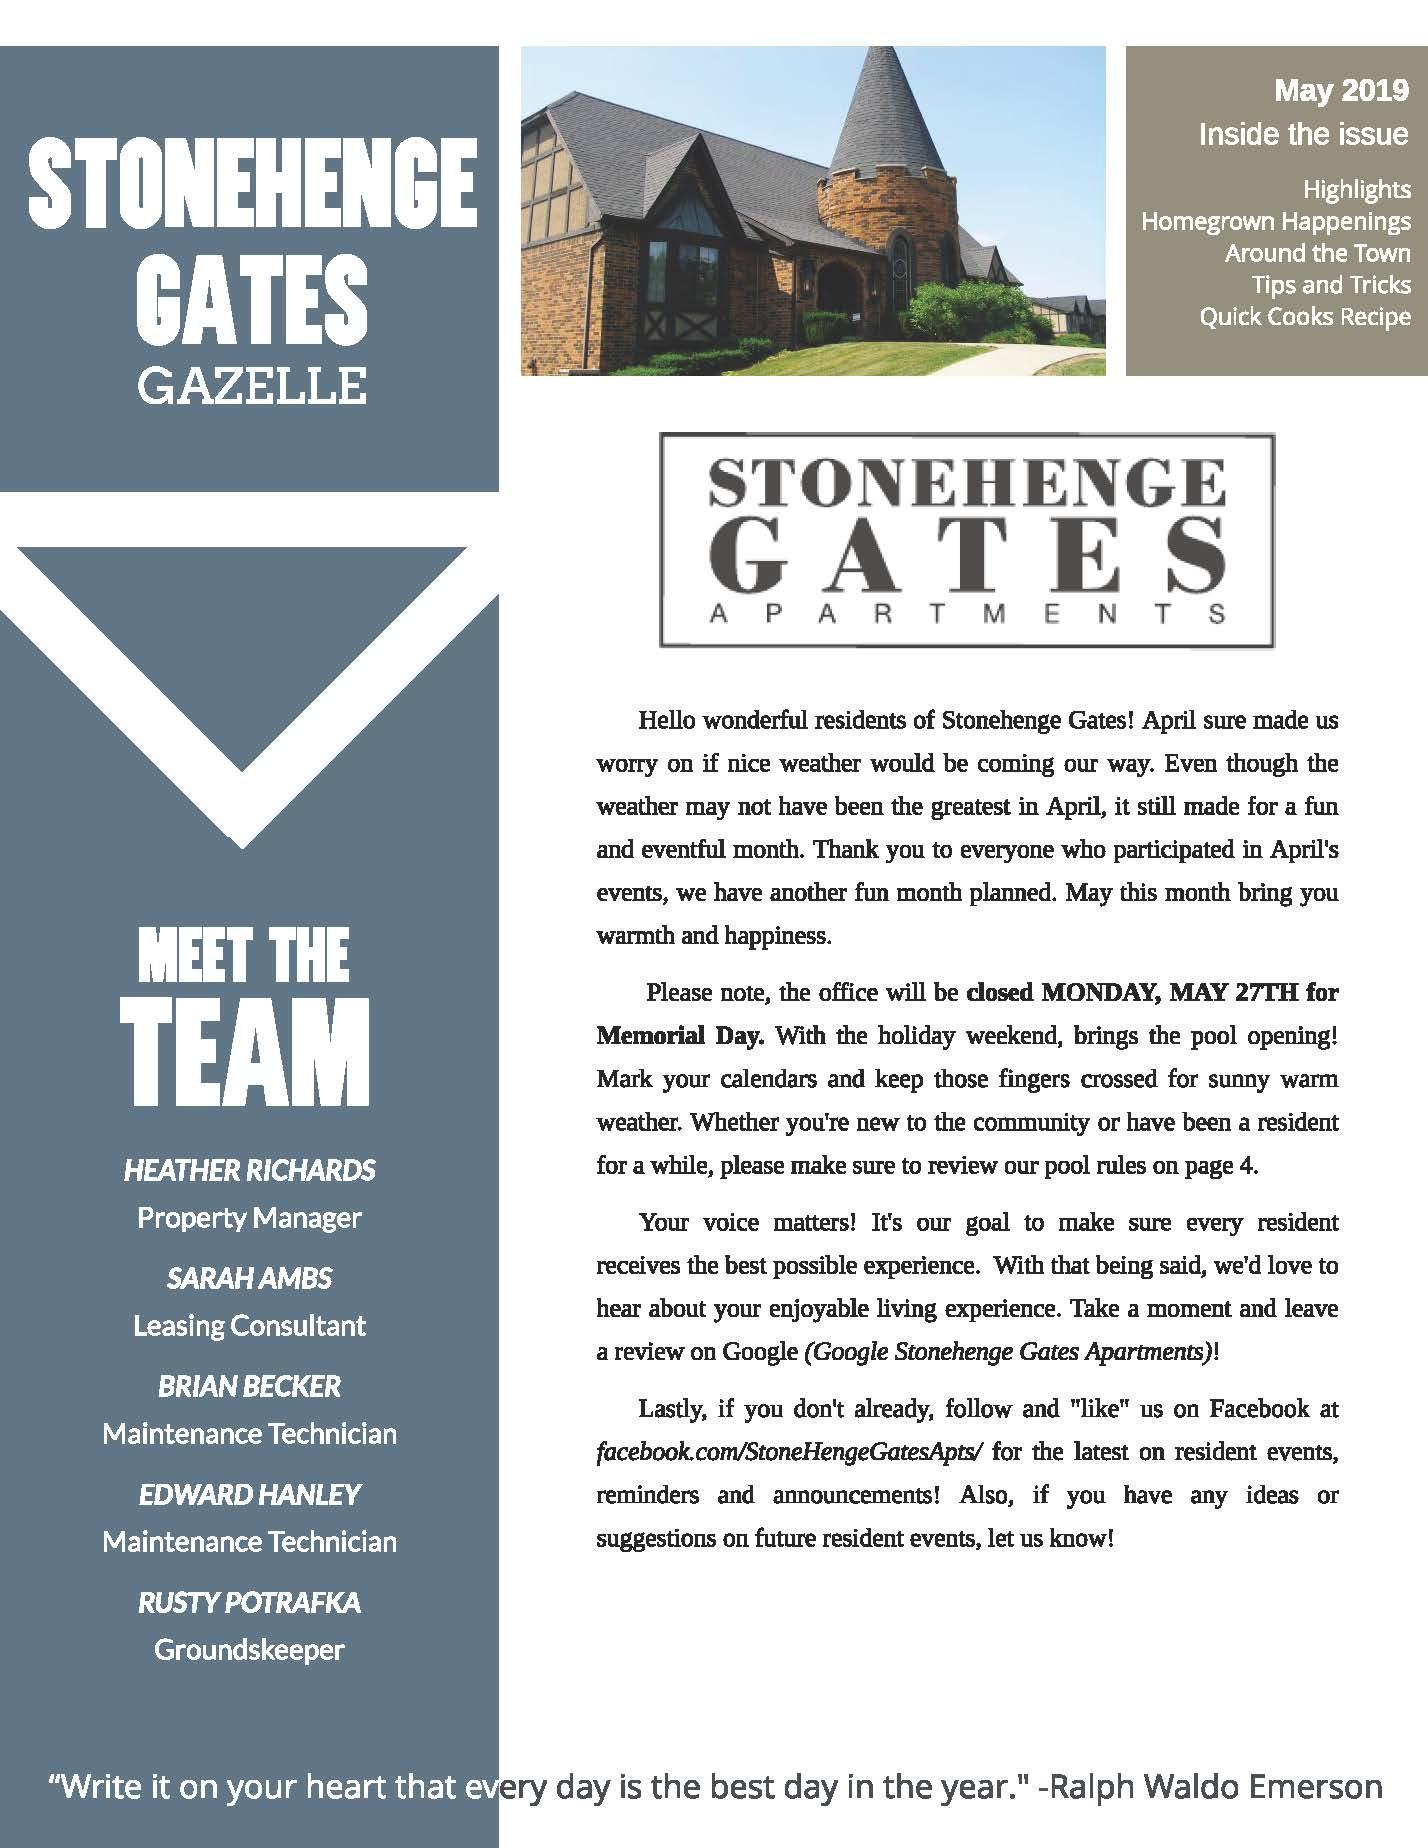 May 2019 Newsletter Stonehenge Gates Gazelle